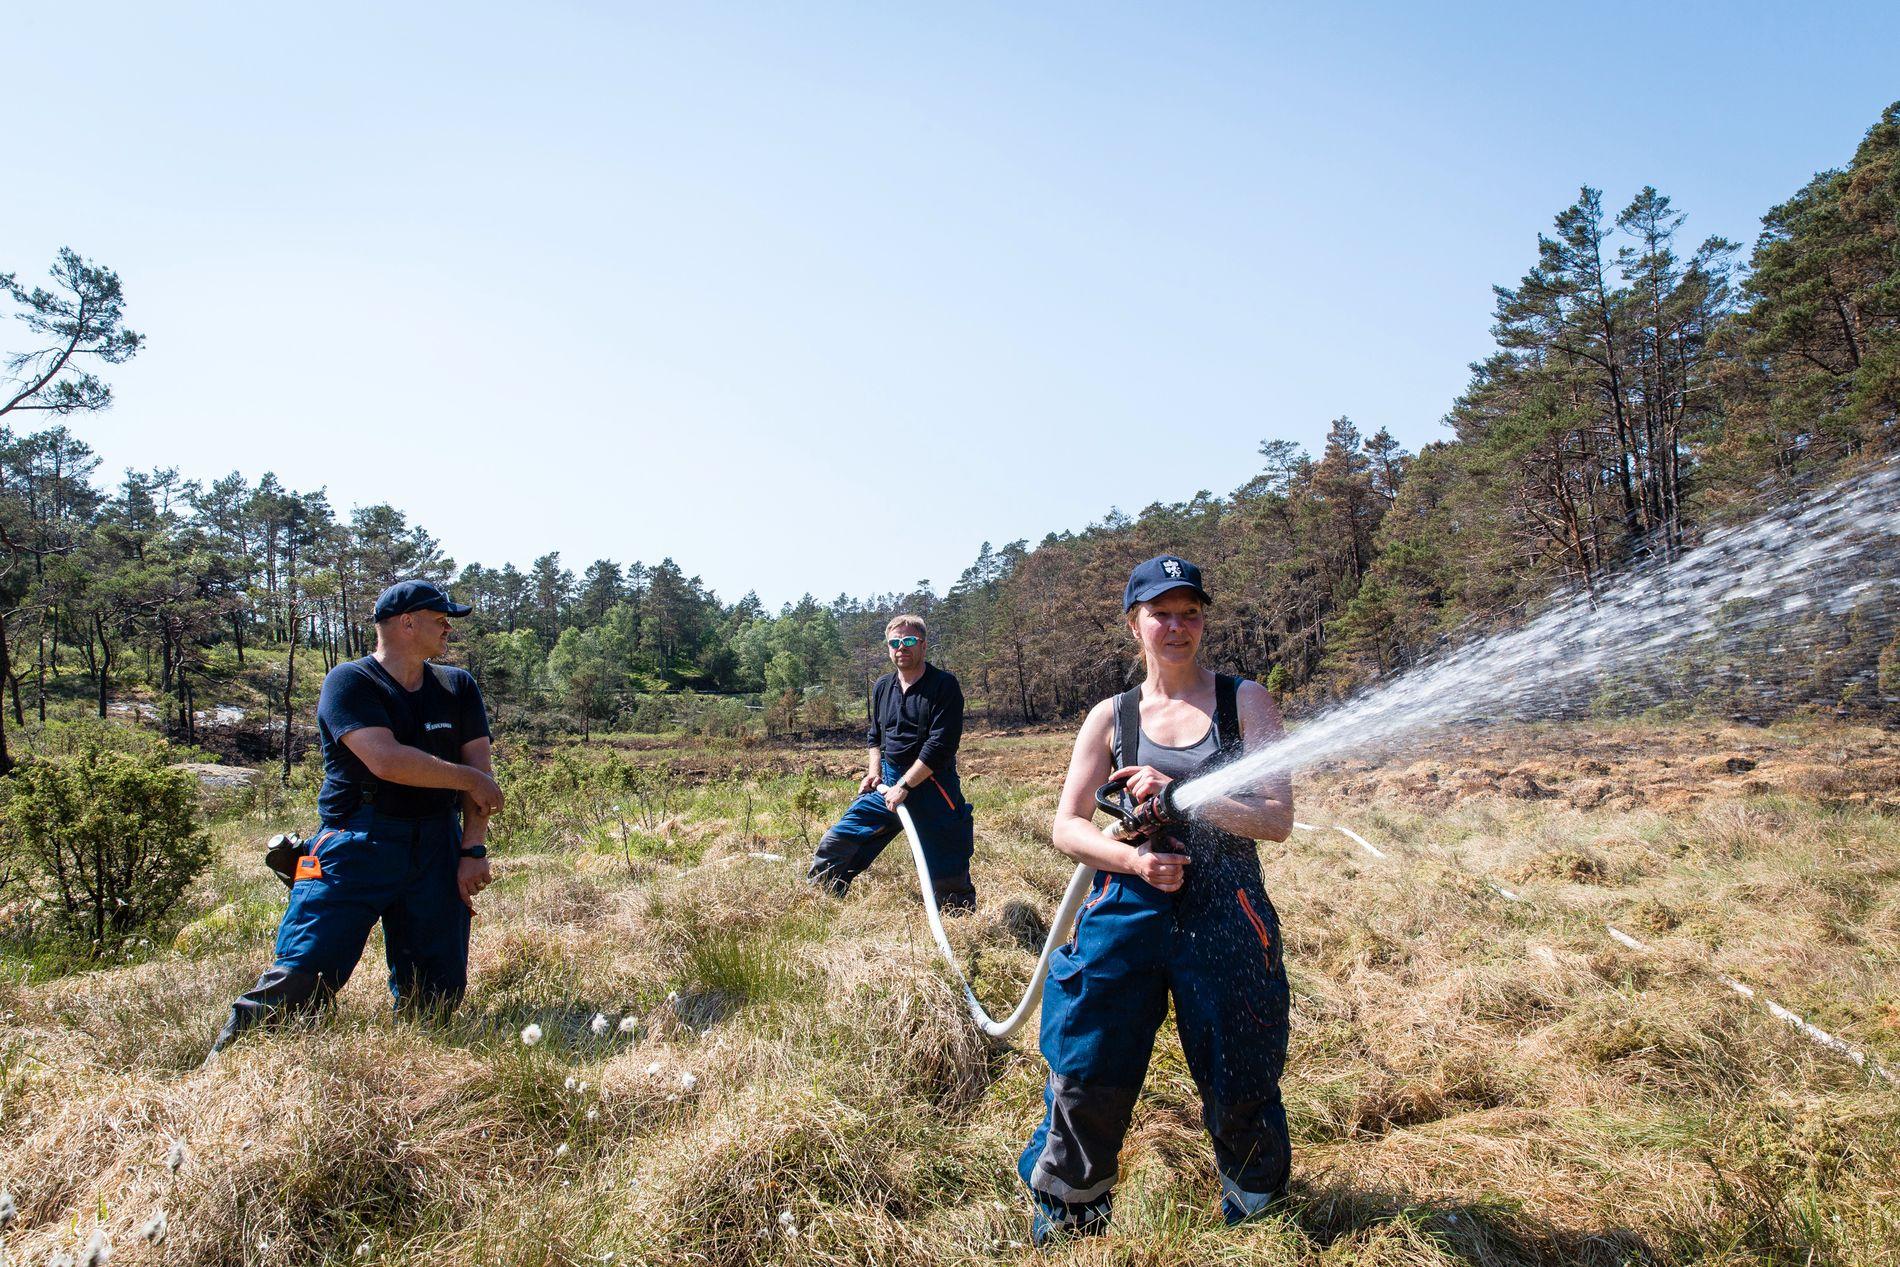 STOR JOBB:  Brannmannskap, sivilforsvar og frivillige har jobbet døgnet rundt for å slukke skogbrannen på Ombo i Rogaland.